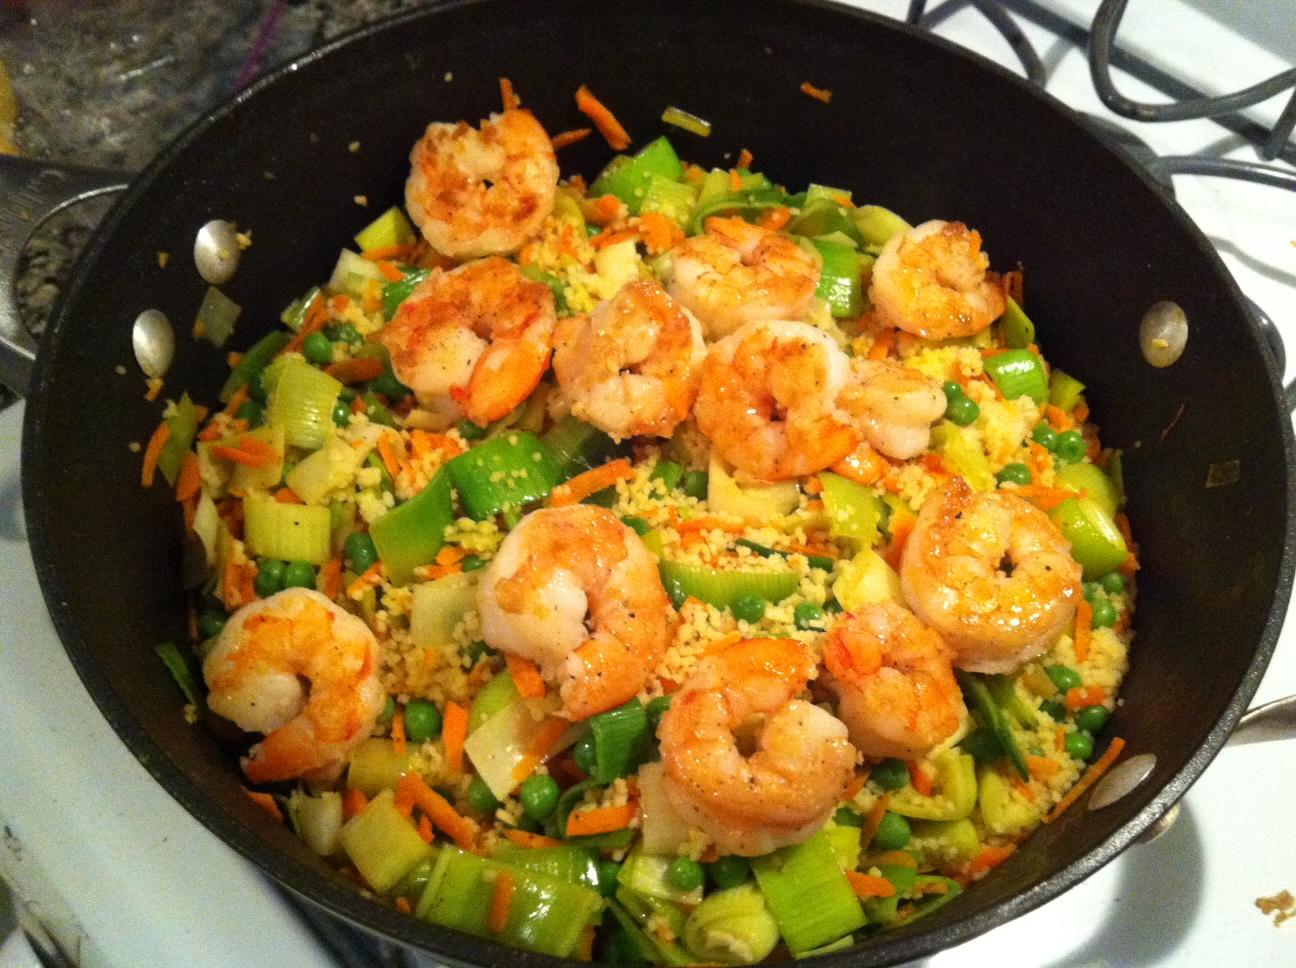 Healthy Shrimp Dinner Ideas